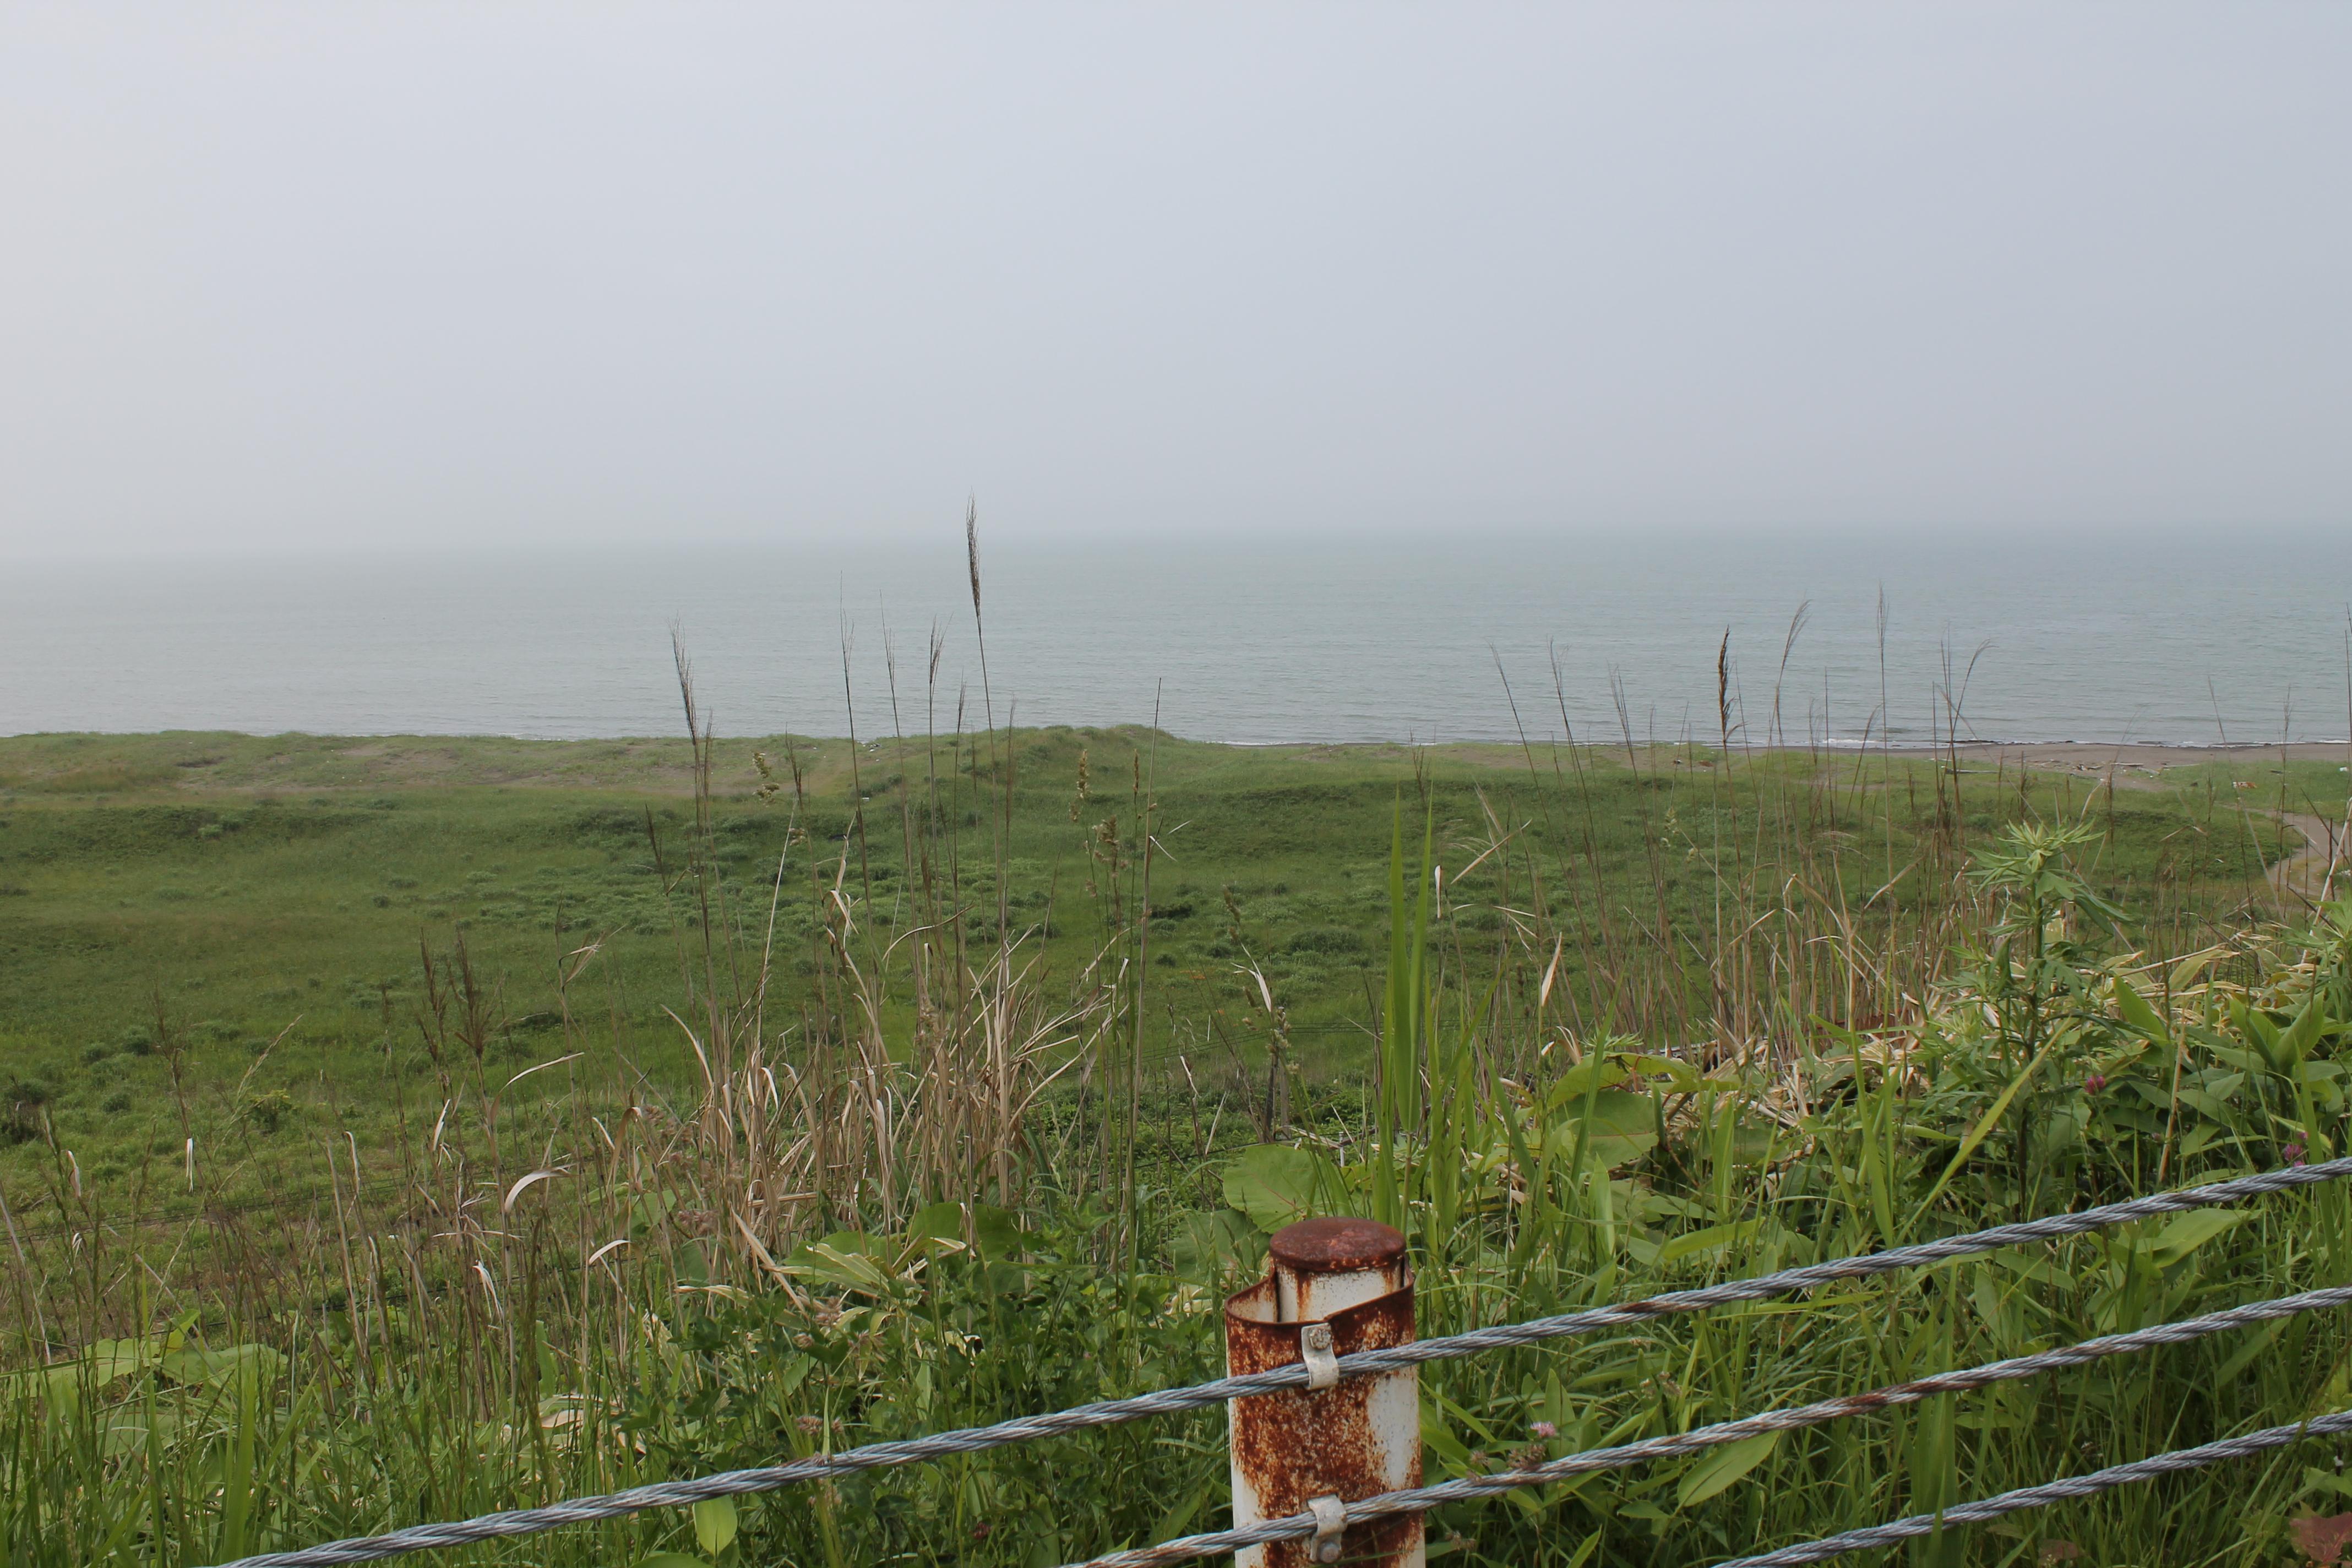 ZONE僕の手紙ロケ地の無煙海岸